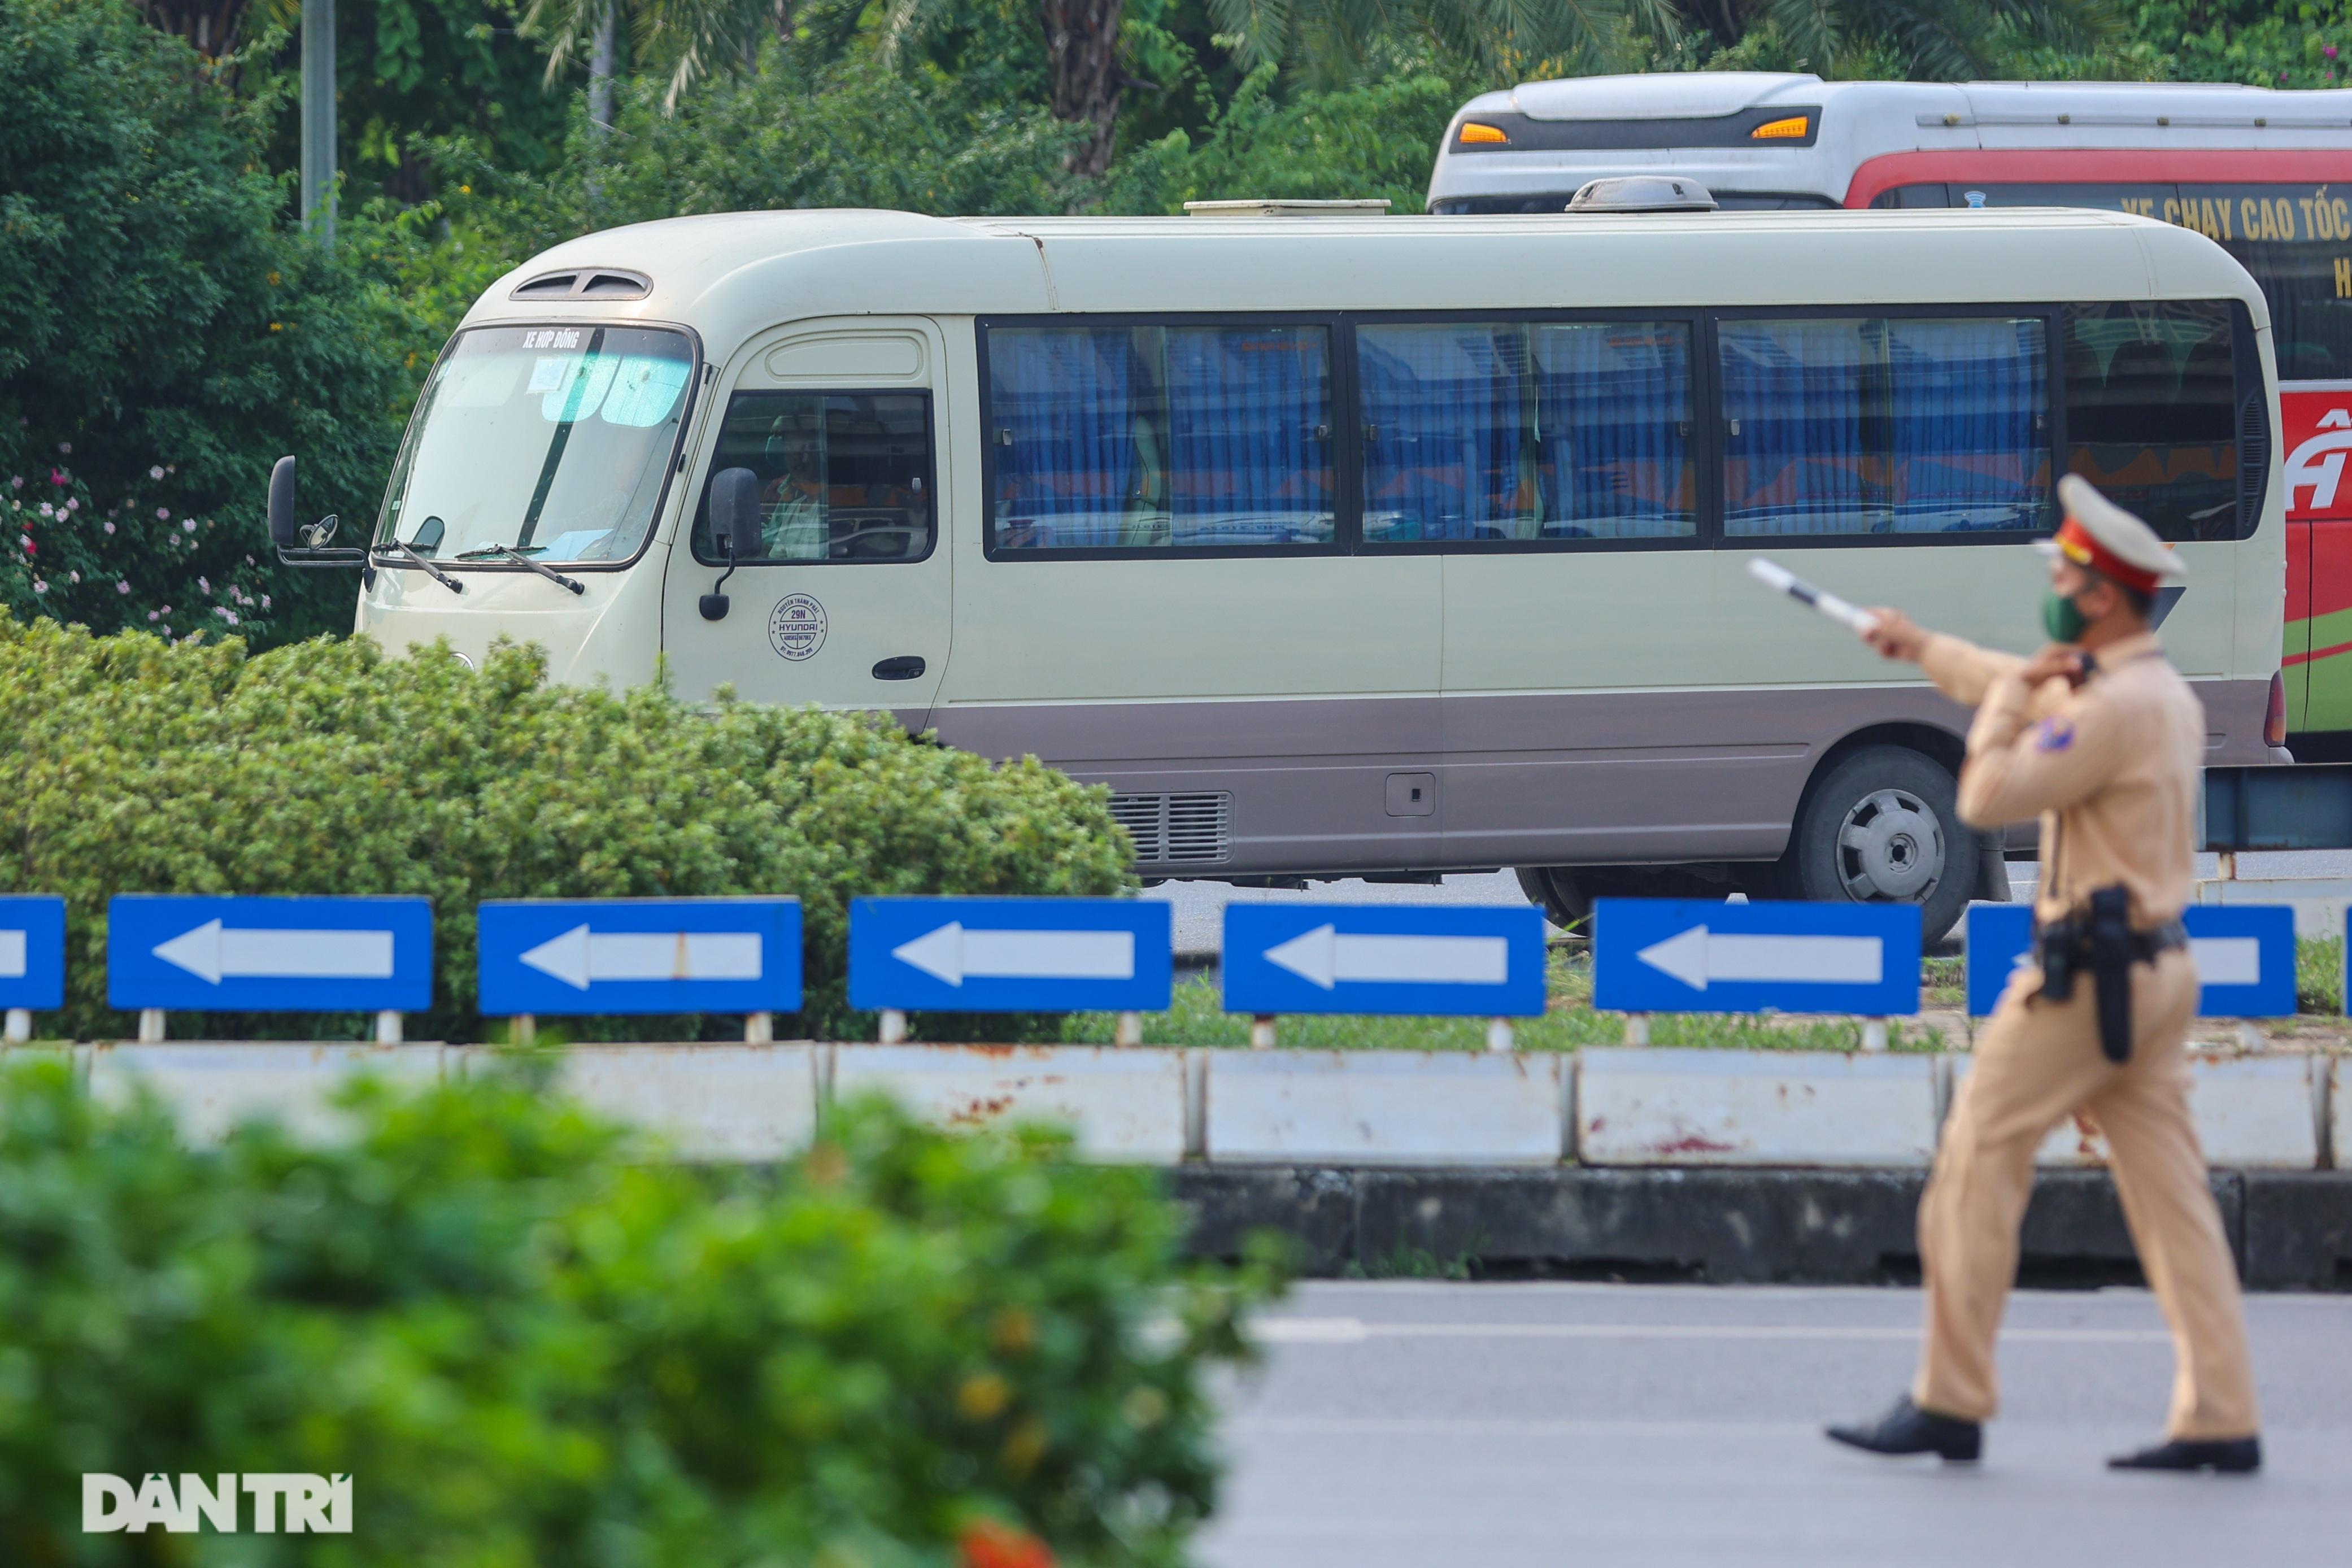 Hà Nội: Chim mồi bám CSGT và cú điện thoại mật báo tới nhà xe - 7